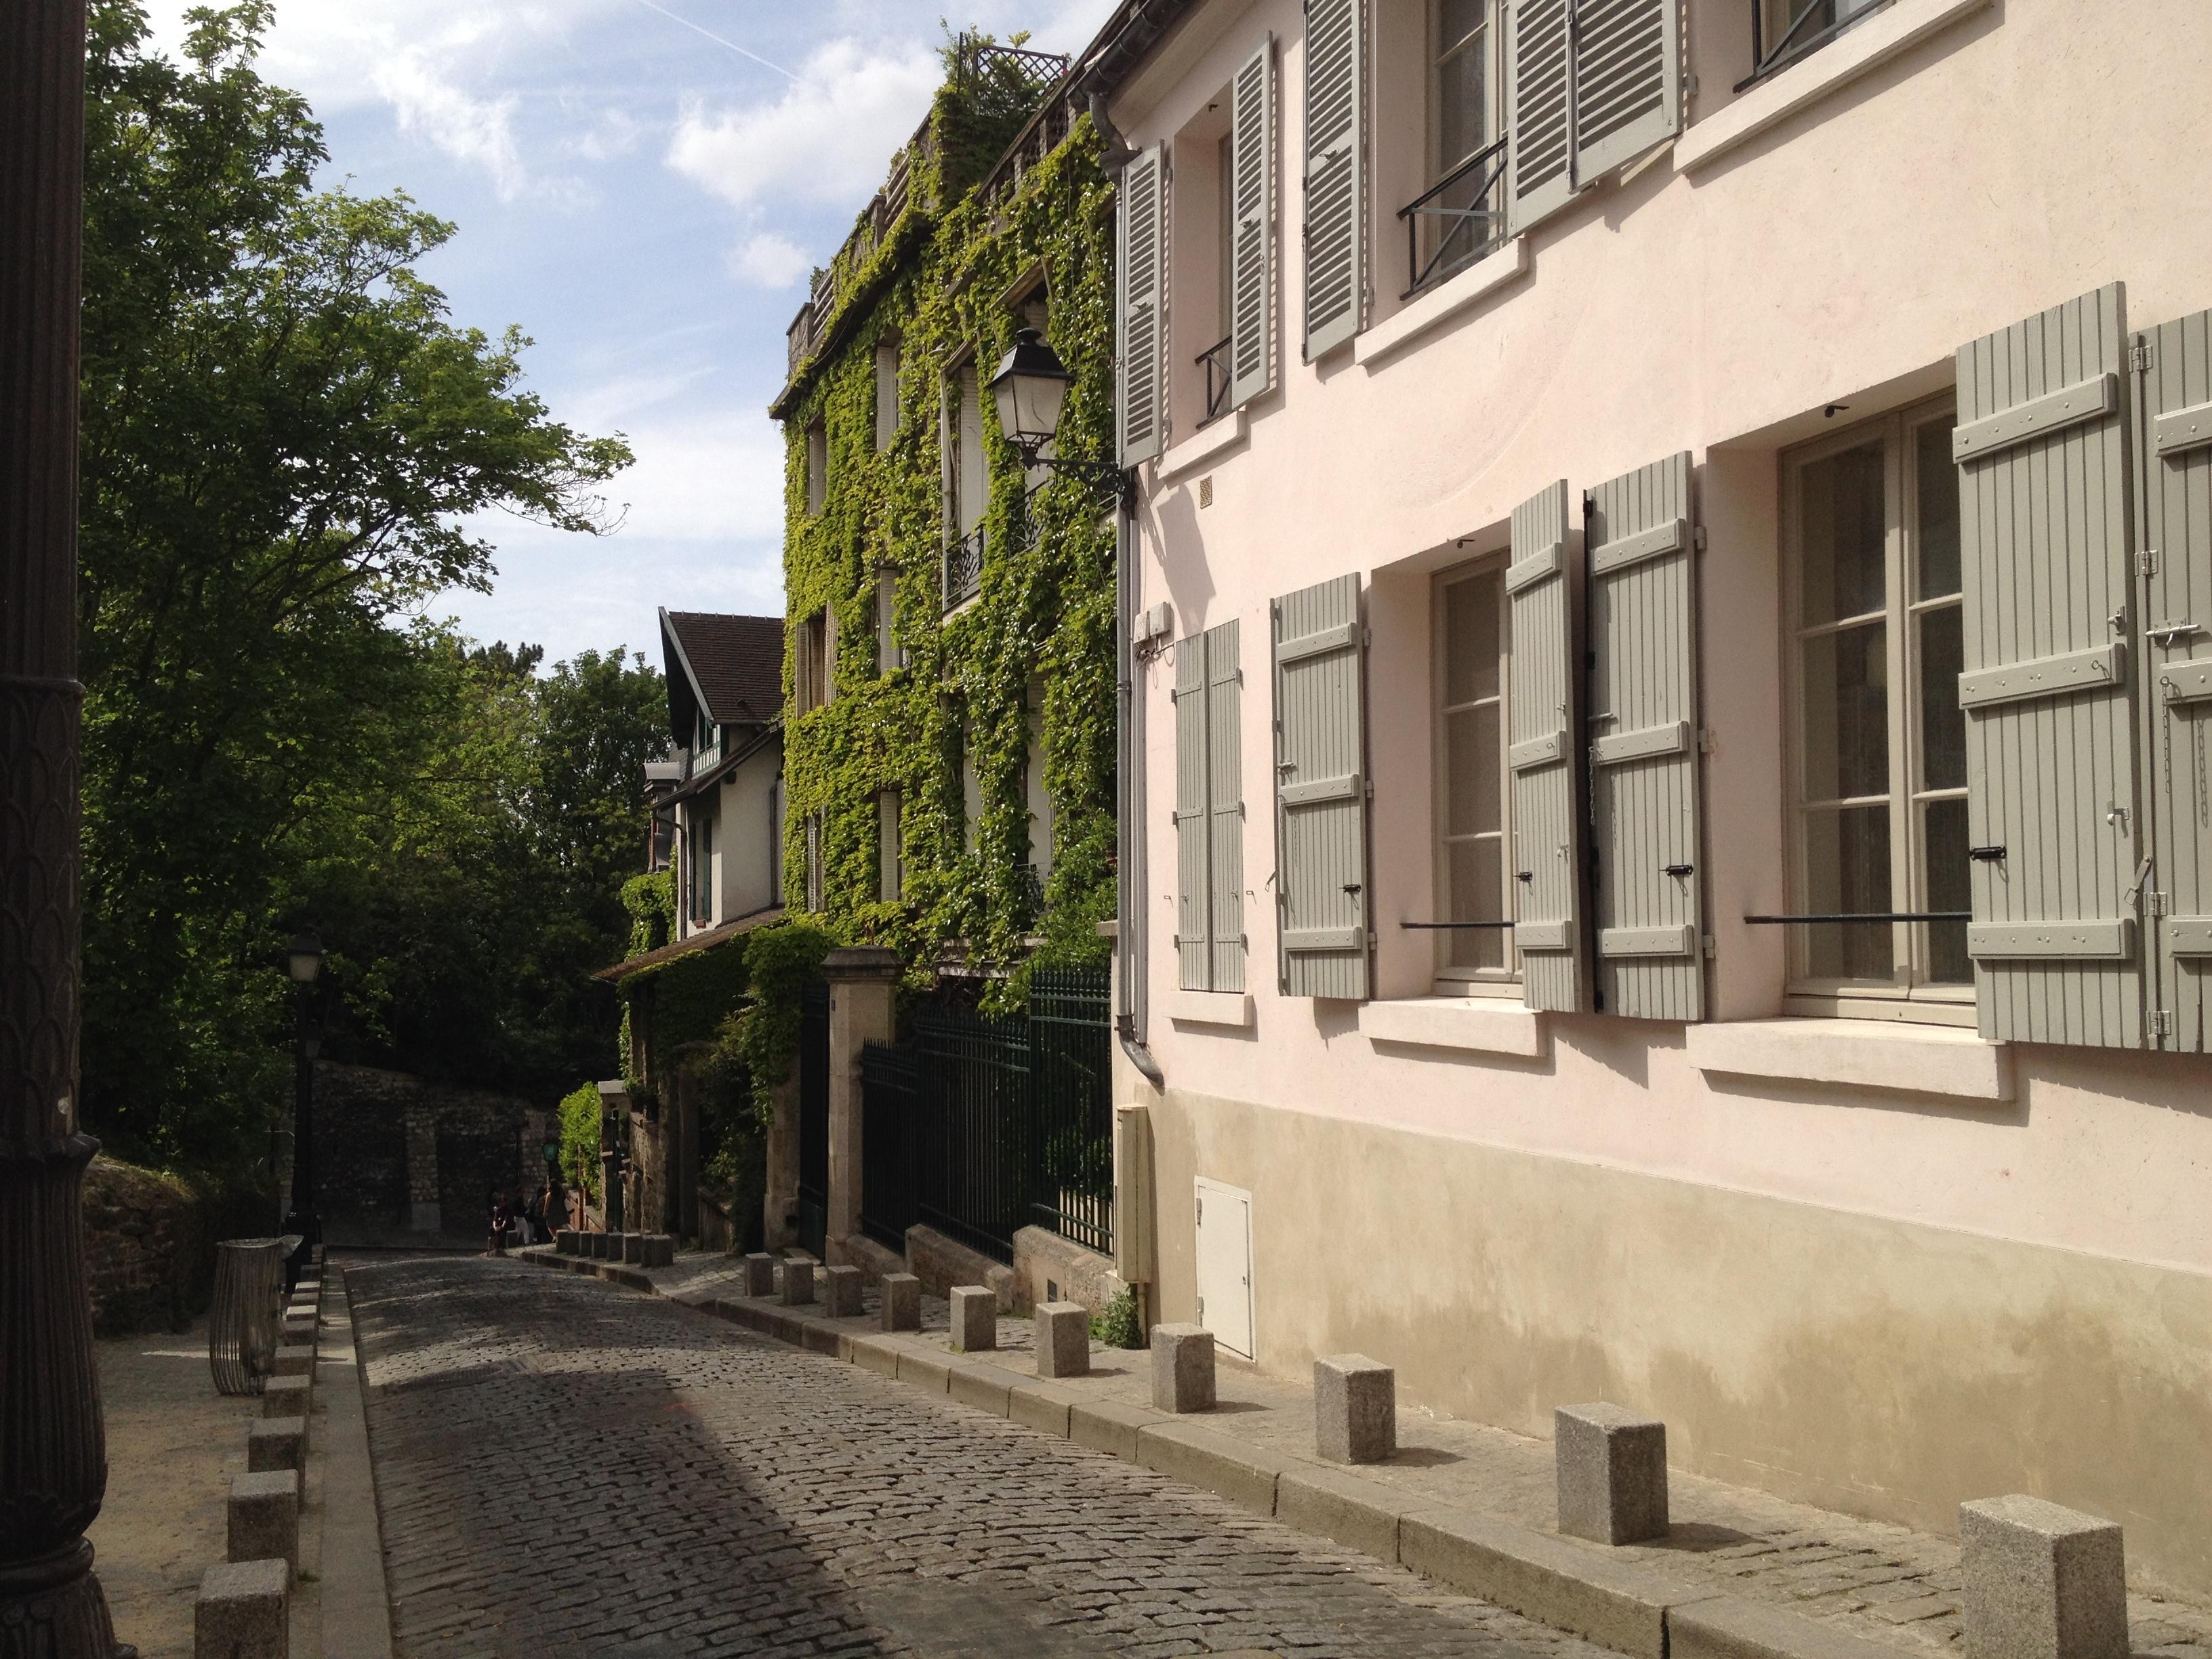 montmartre-jardins-renoir-pds11